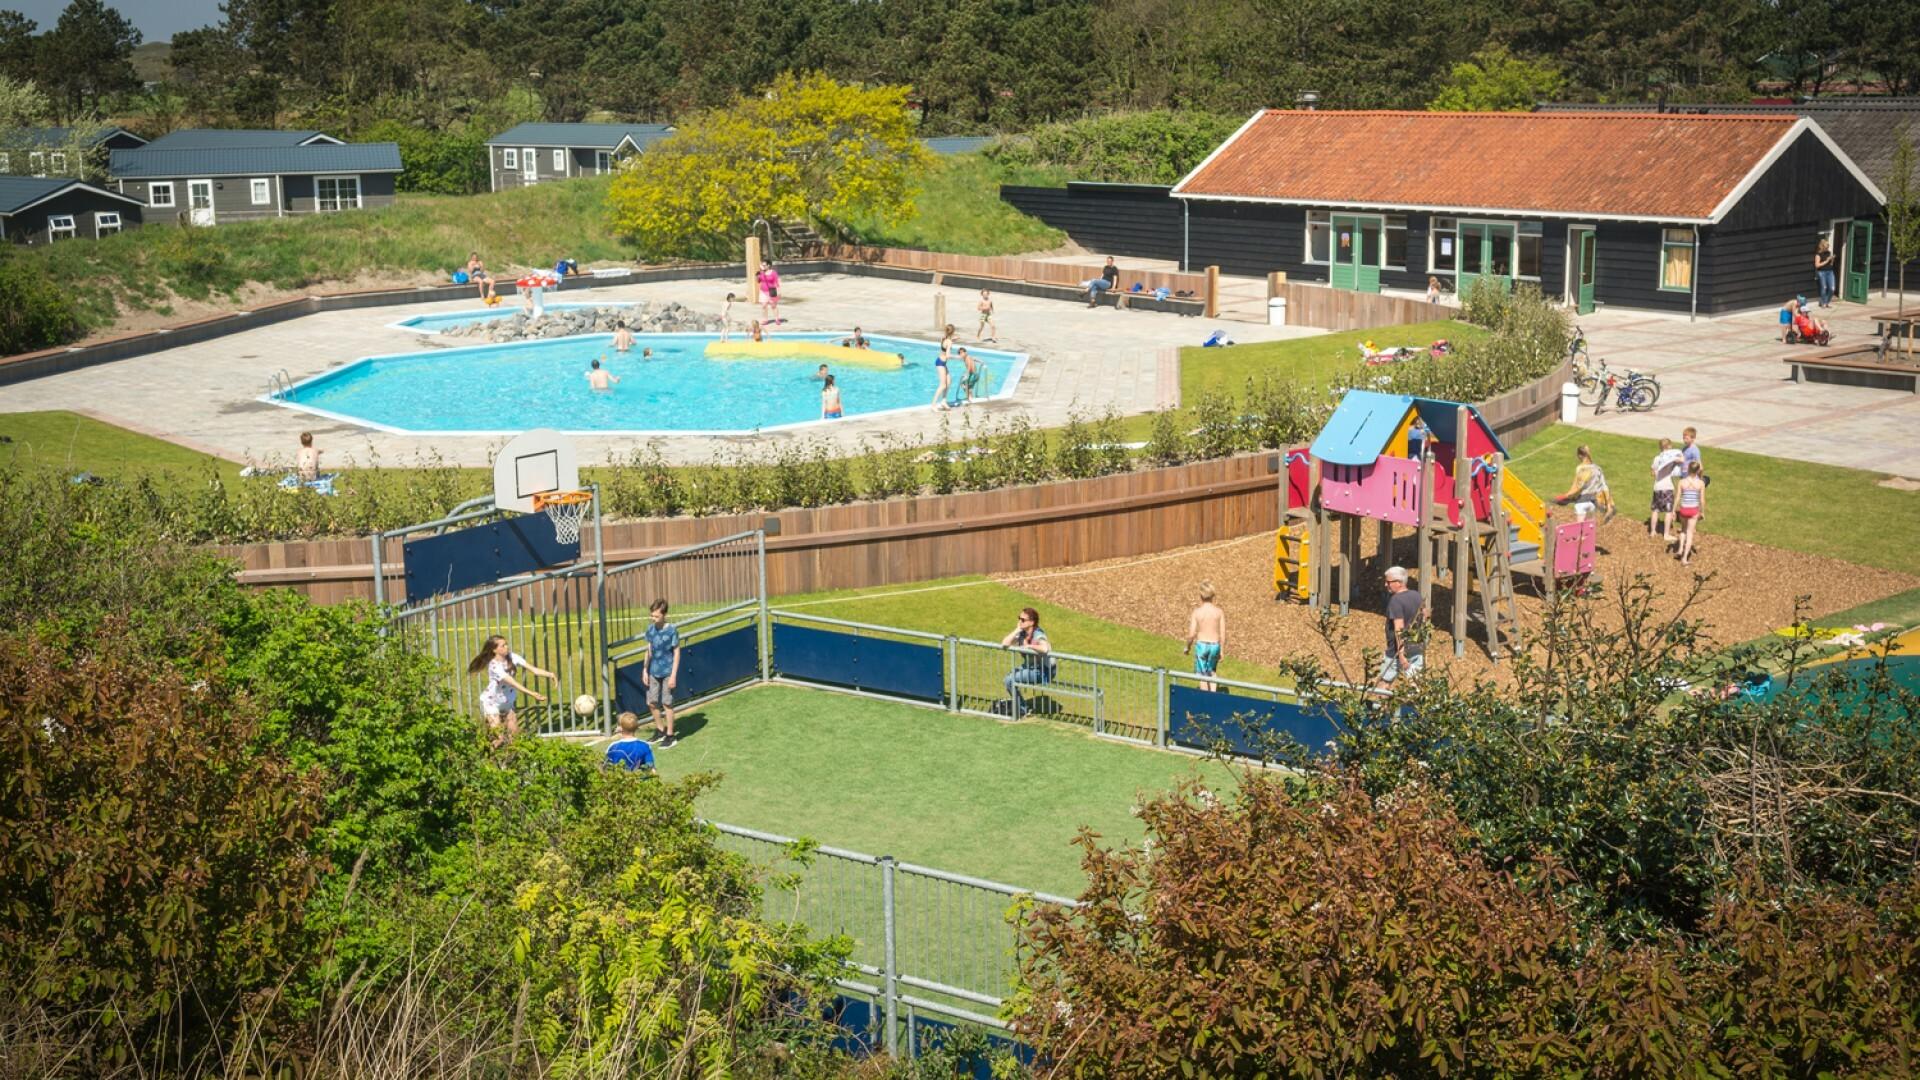 Zwembad en speelterrein op camping Loodsmansduin in Den Hoorn VVV Texel